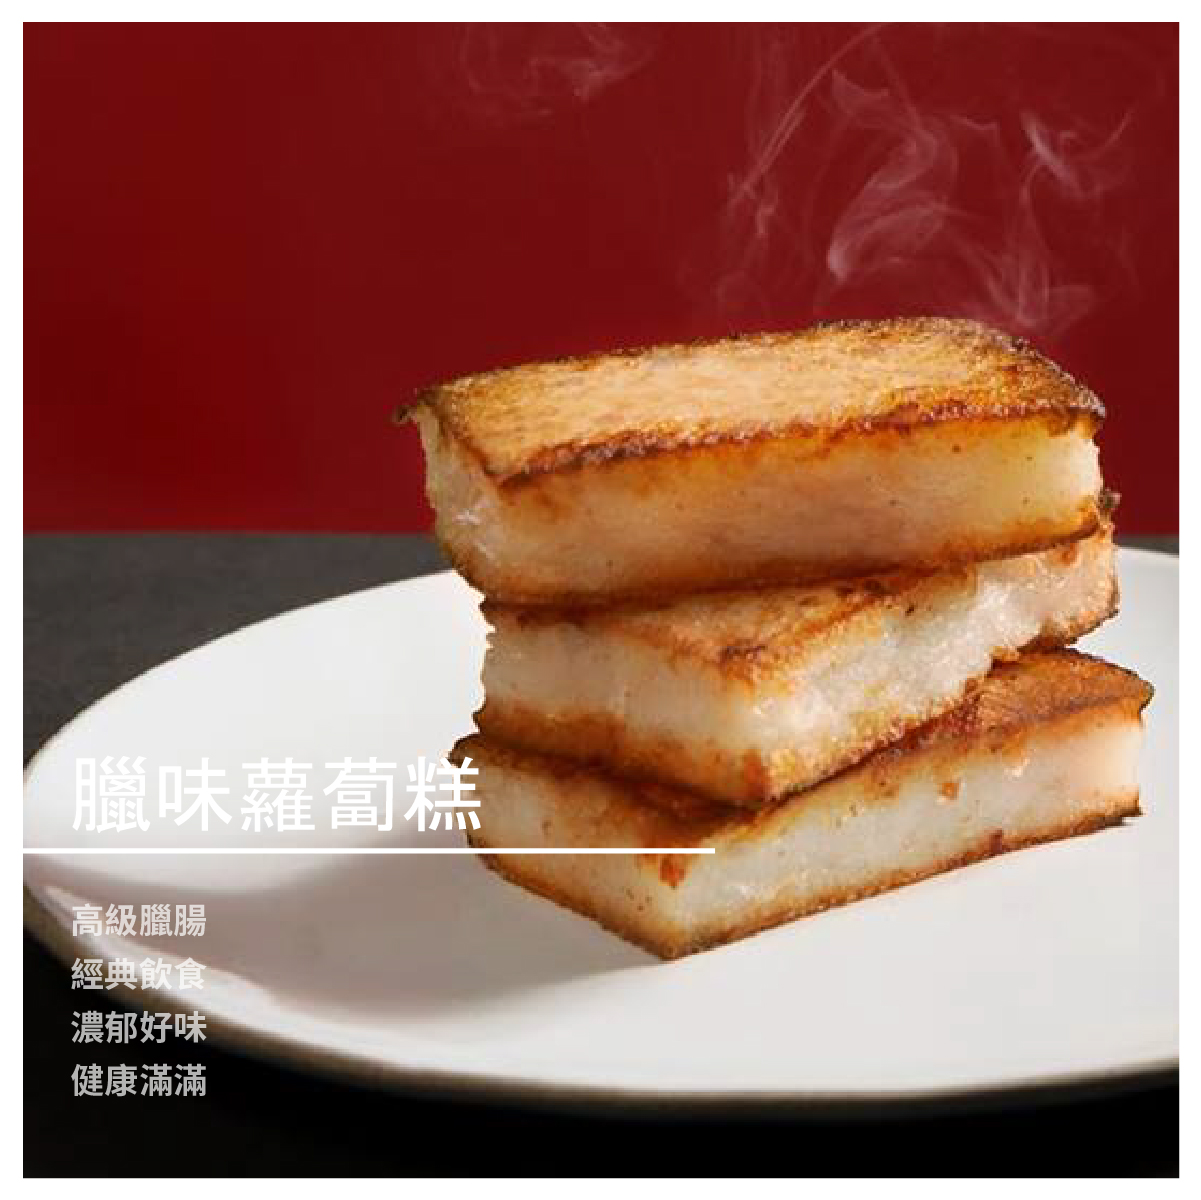 保存期限7 - 10天食用完畢 豬肉產地:台灣 純手工港式蘿蔔糕、絕無添加防腐其它人工劑,連合格標準比例防腐劑都未添加。 養成顧客能夠在新鮮產品下食用不要放到過期造成浪費情況 符合現代人飲食標準三低二